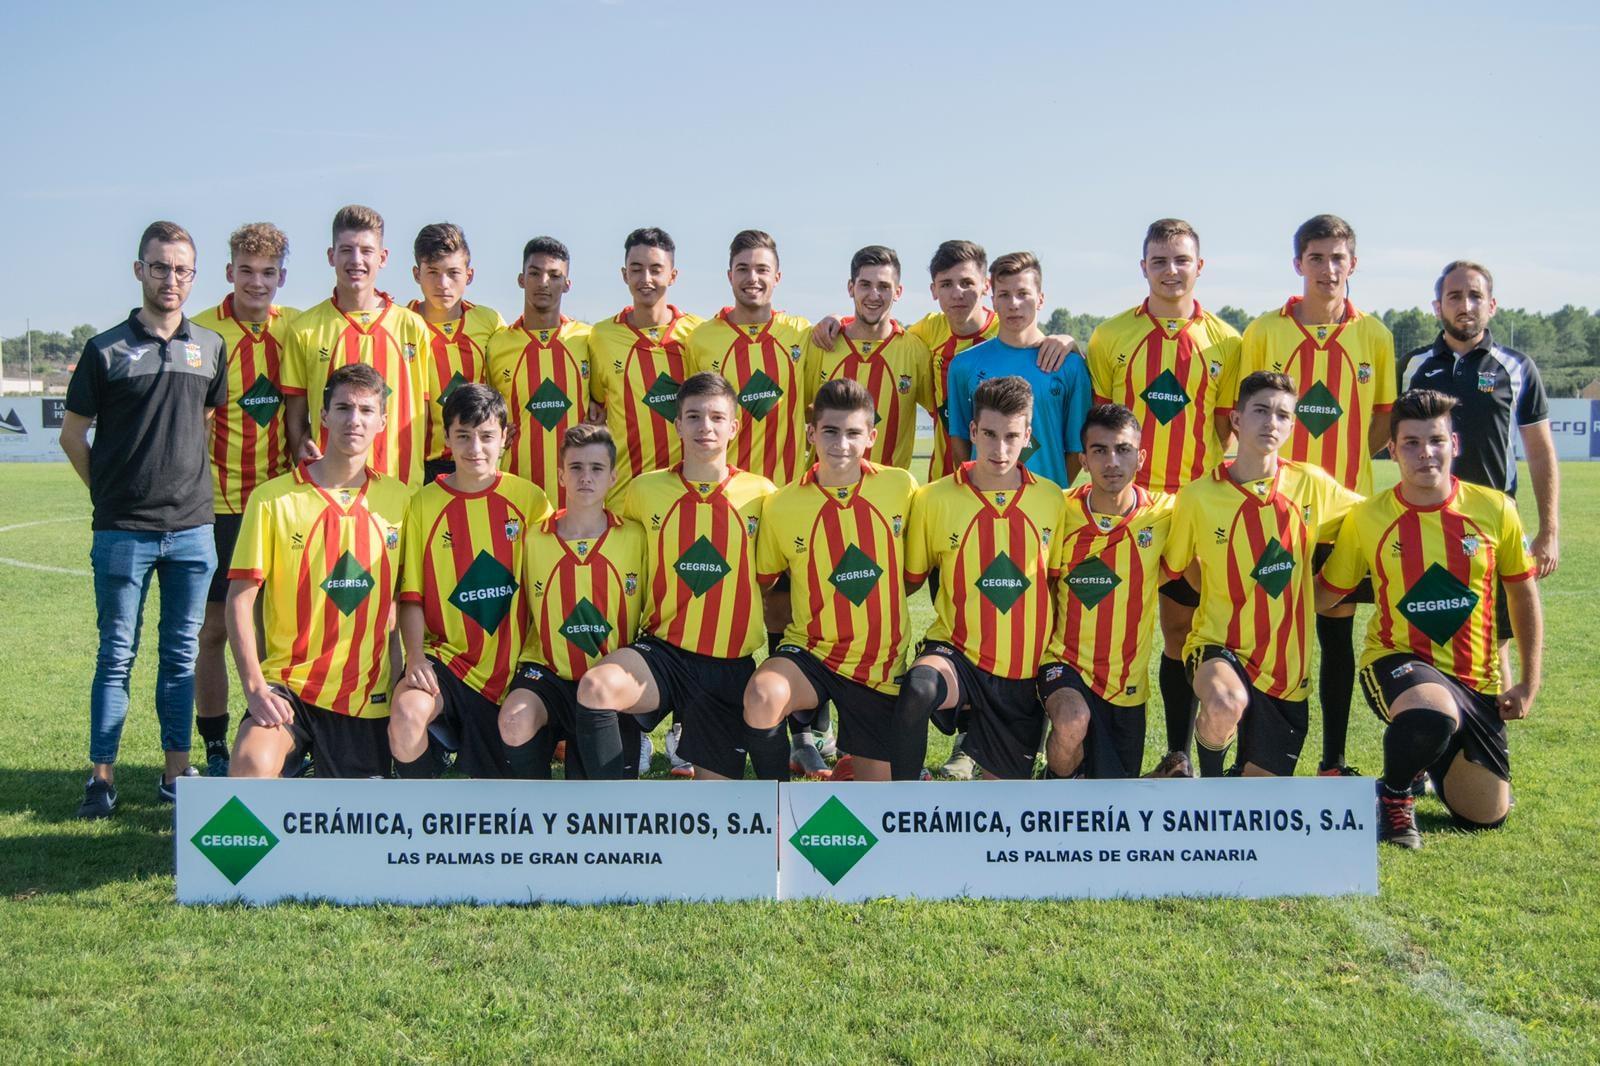 El Club Deportivo Vall d Alba presentó hace escasas fechas a toda su  estructura de equipos para esta temporada. Contará con un total de 9 equipos  (escoleta 6cf120beefd02